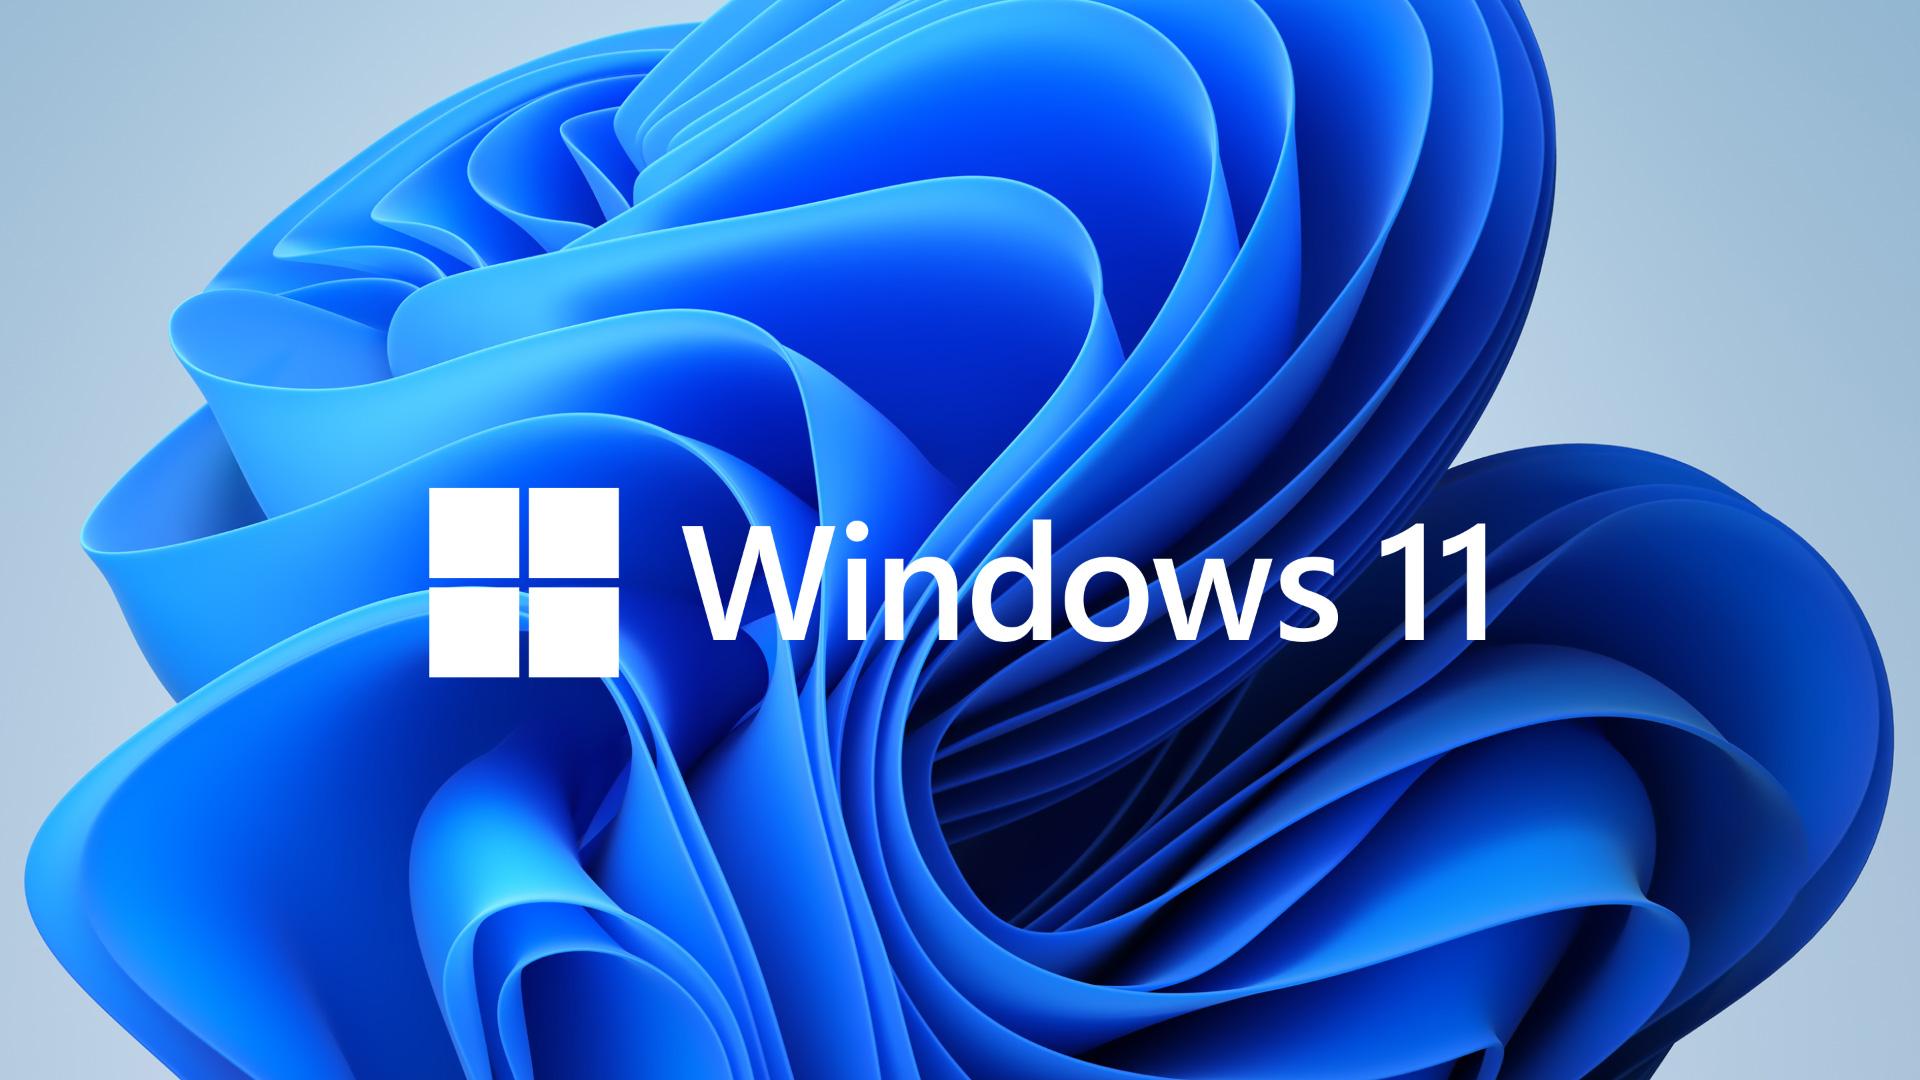 Λογότυπο των Windows 11 και διακοσμητικό φόντο